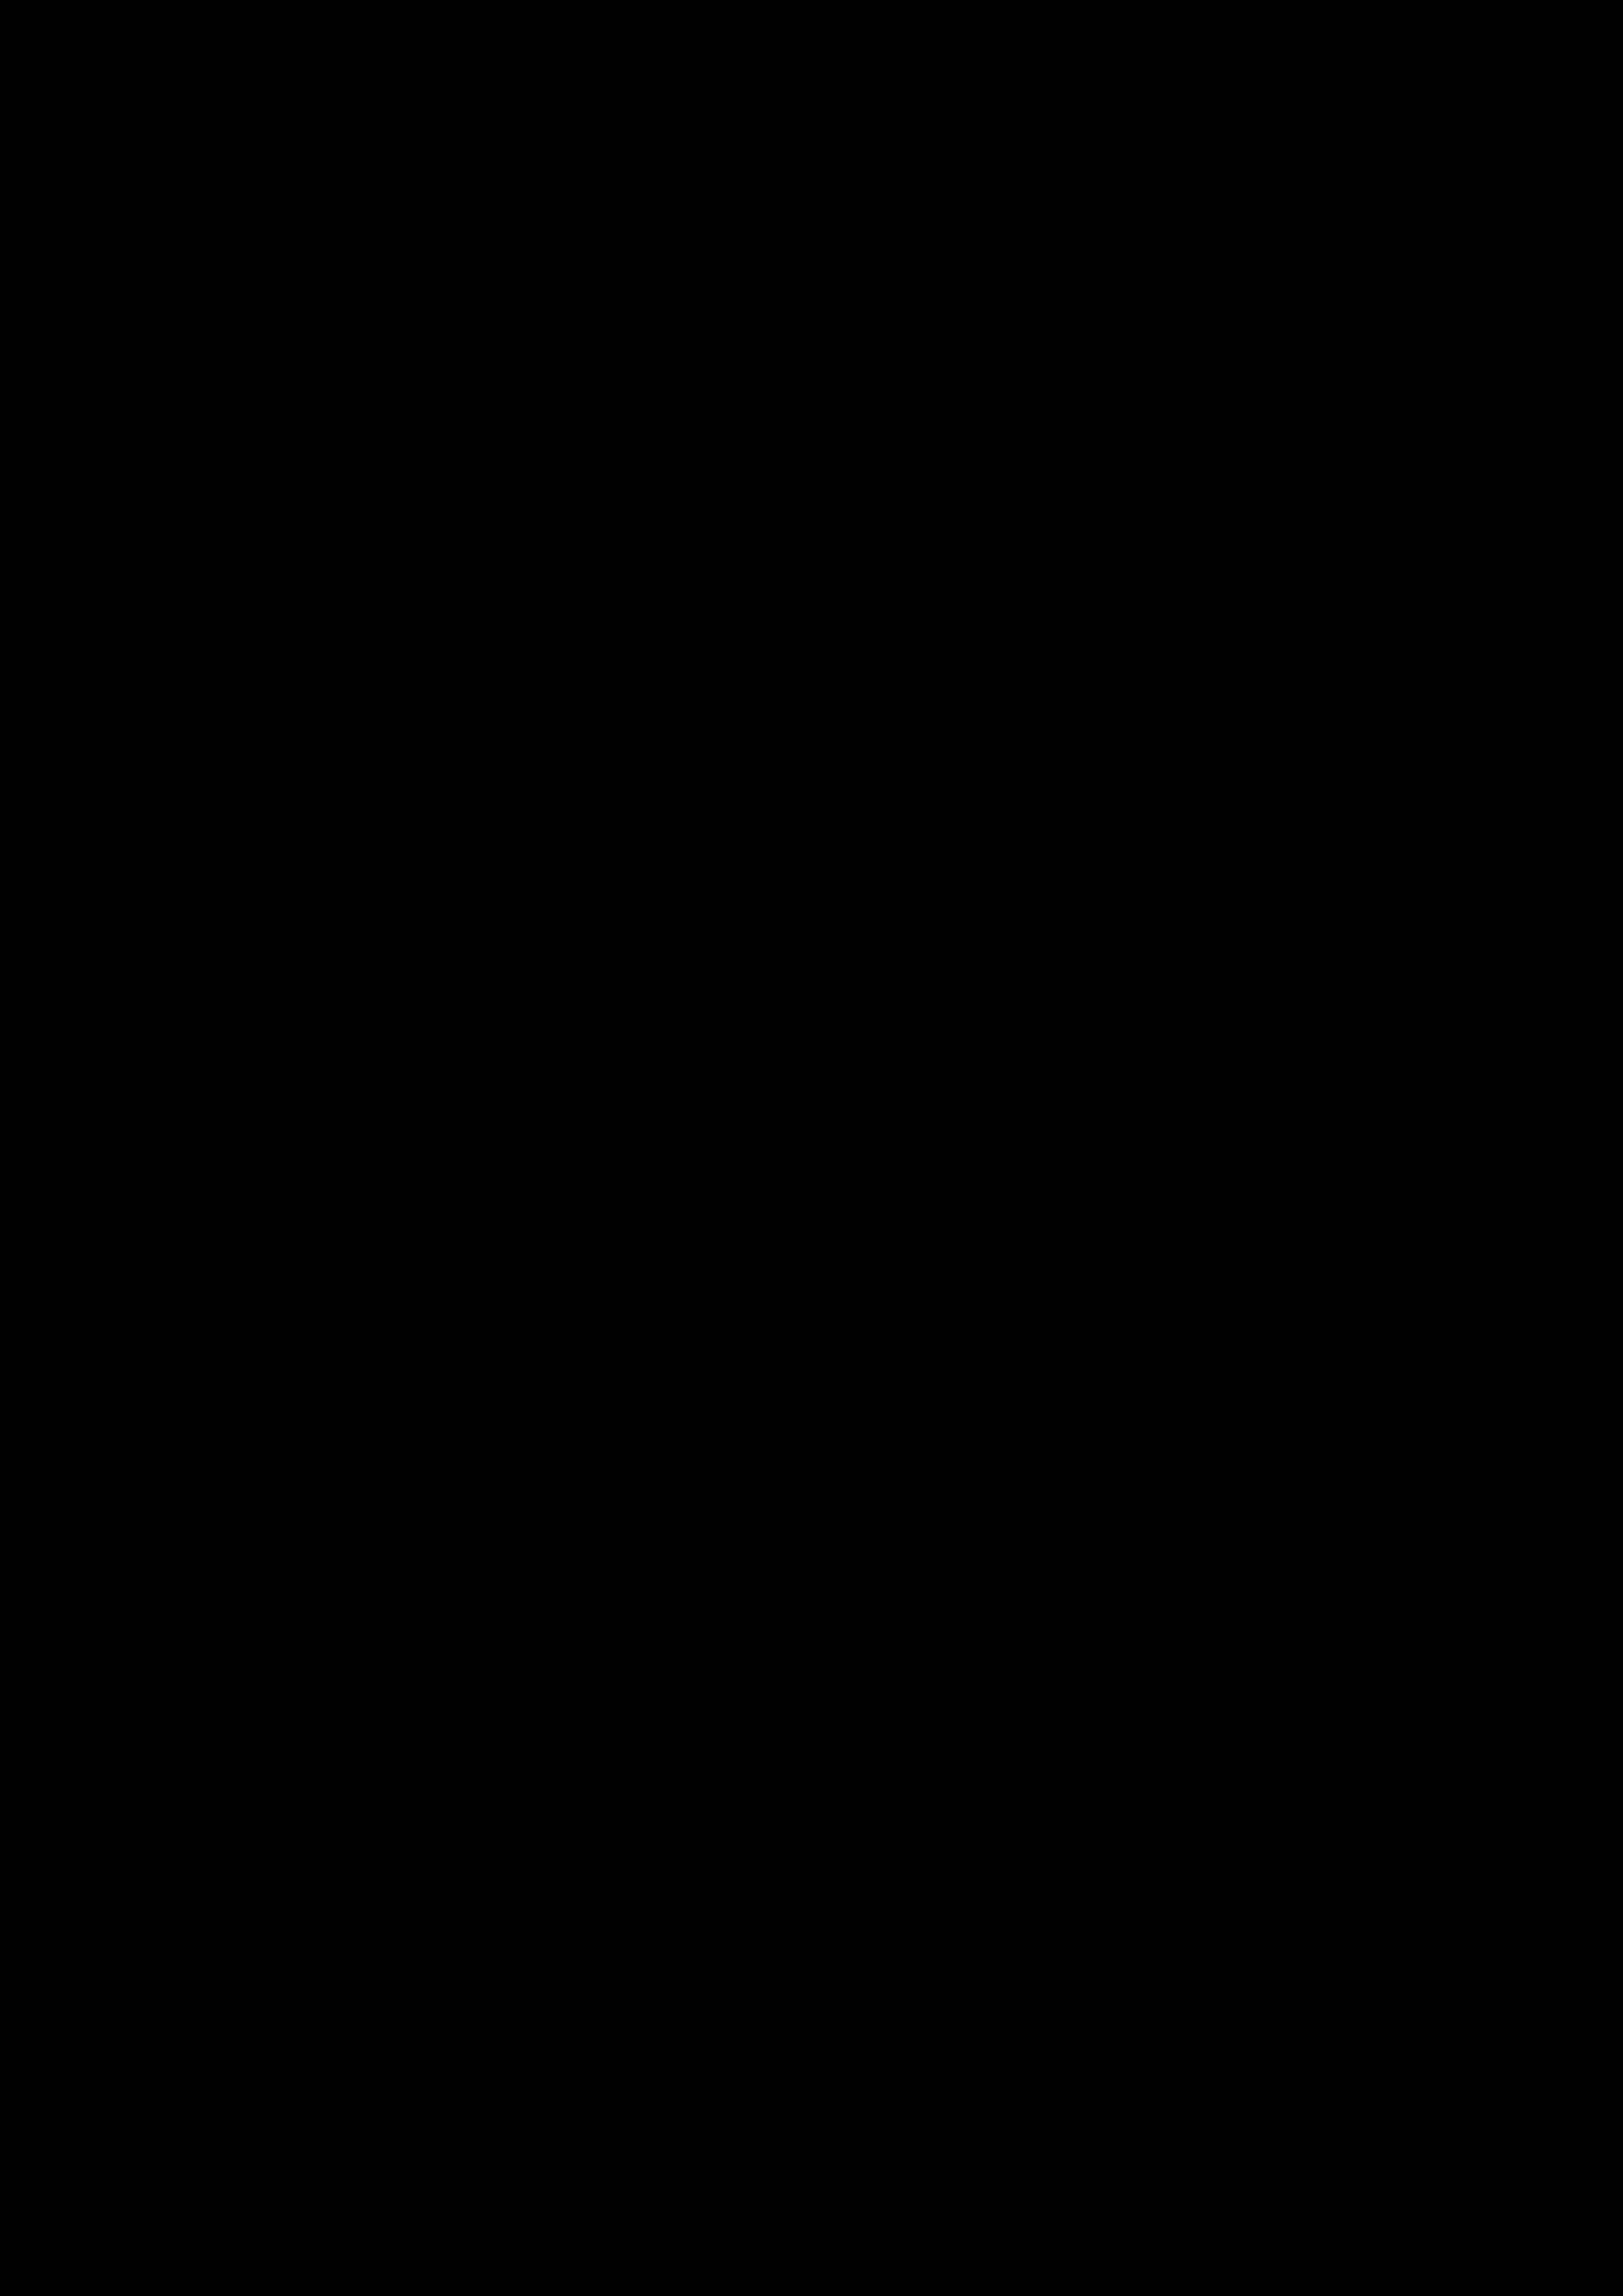 Shams 02 floor plans for 02 floor plan